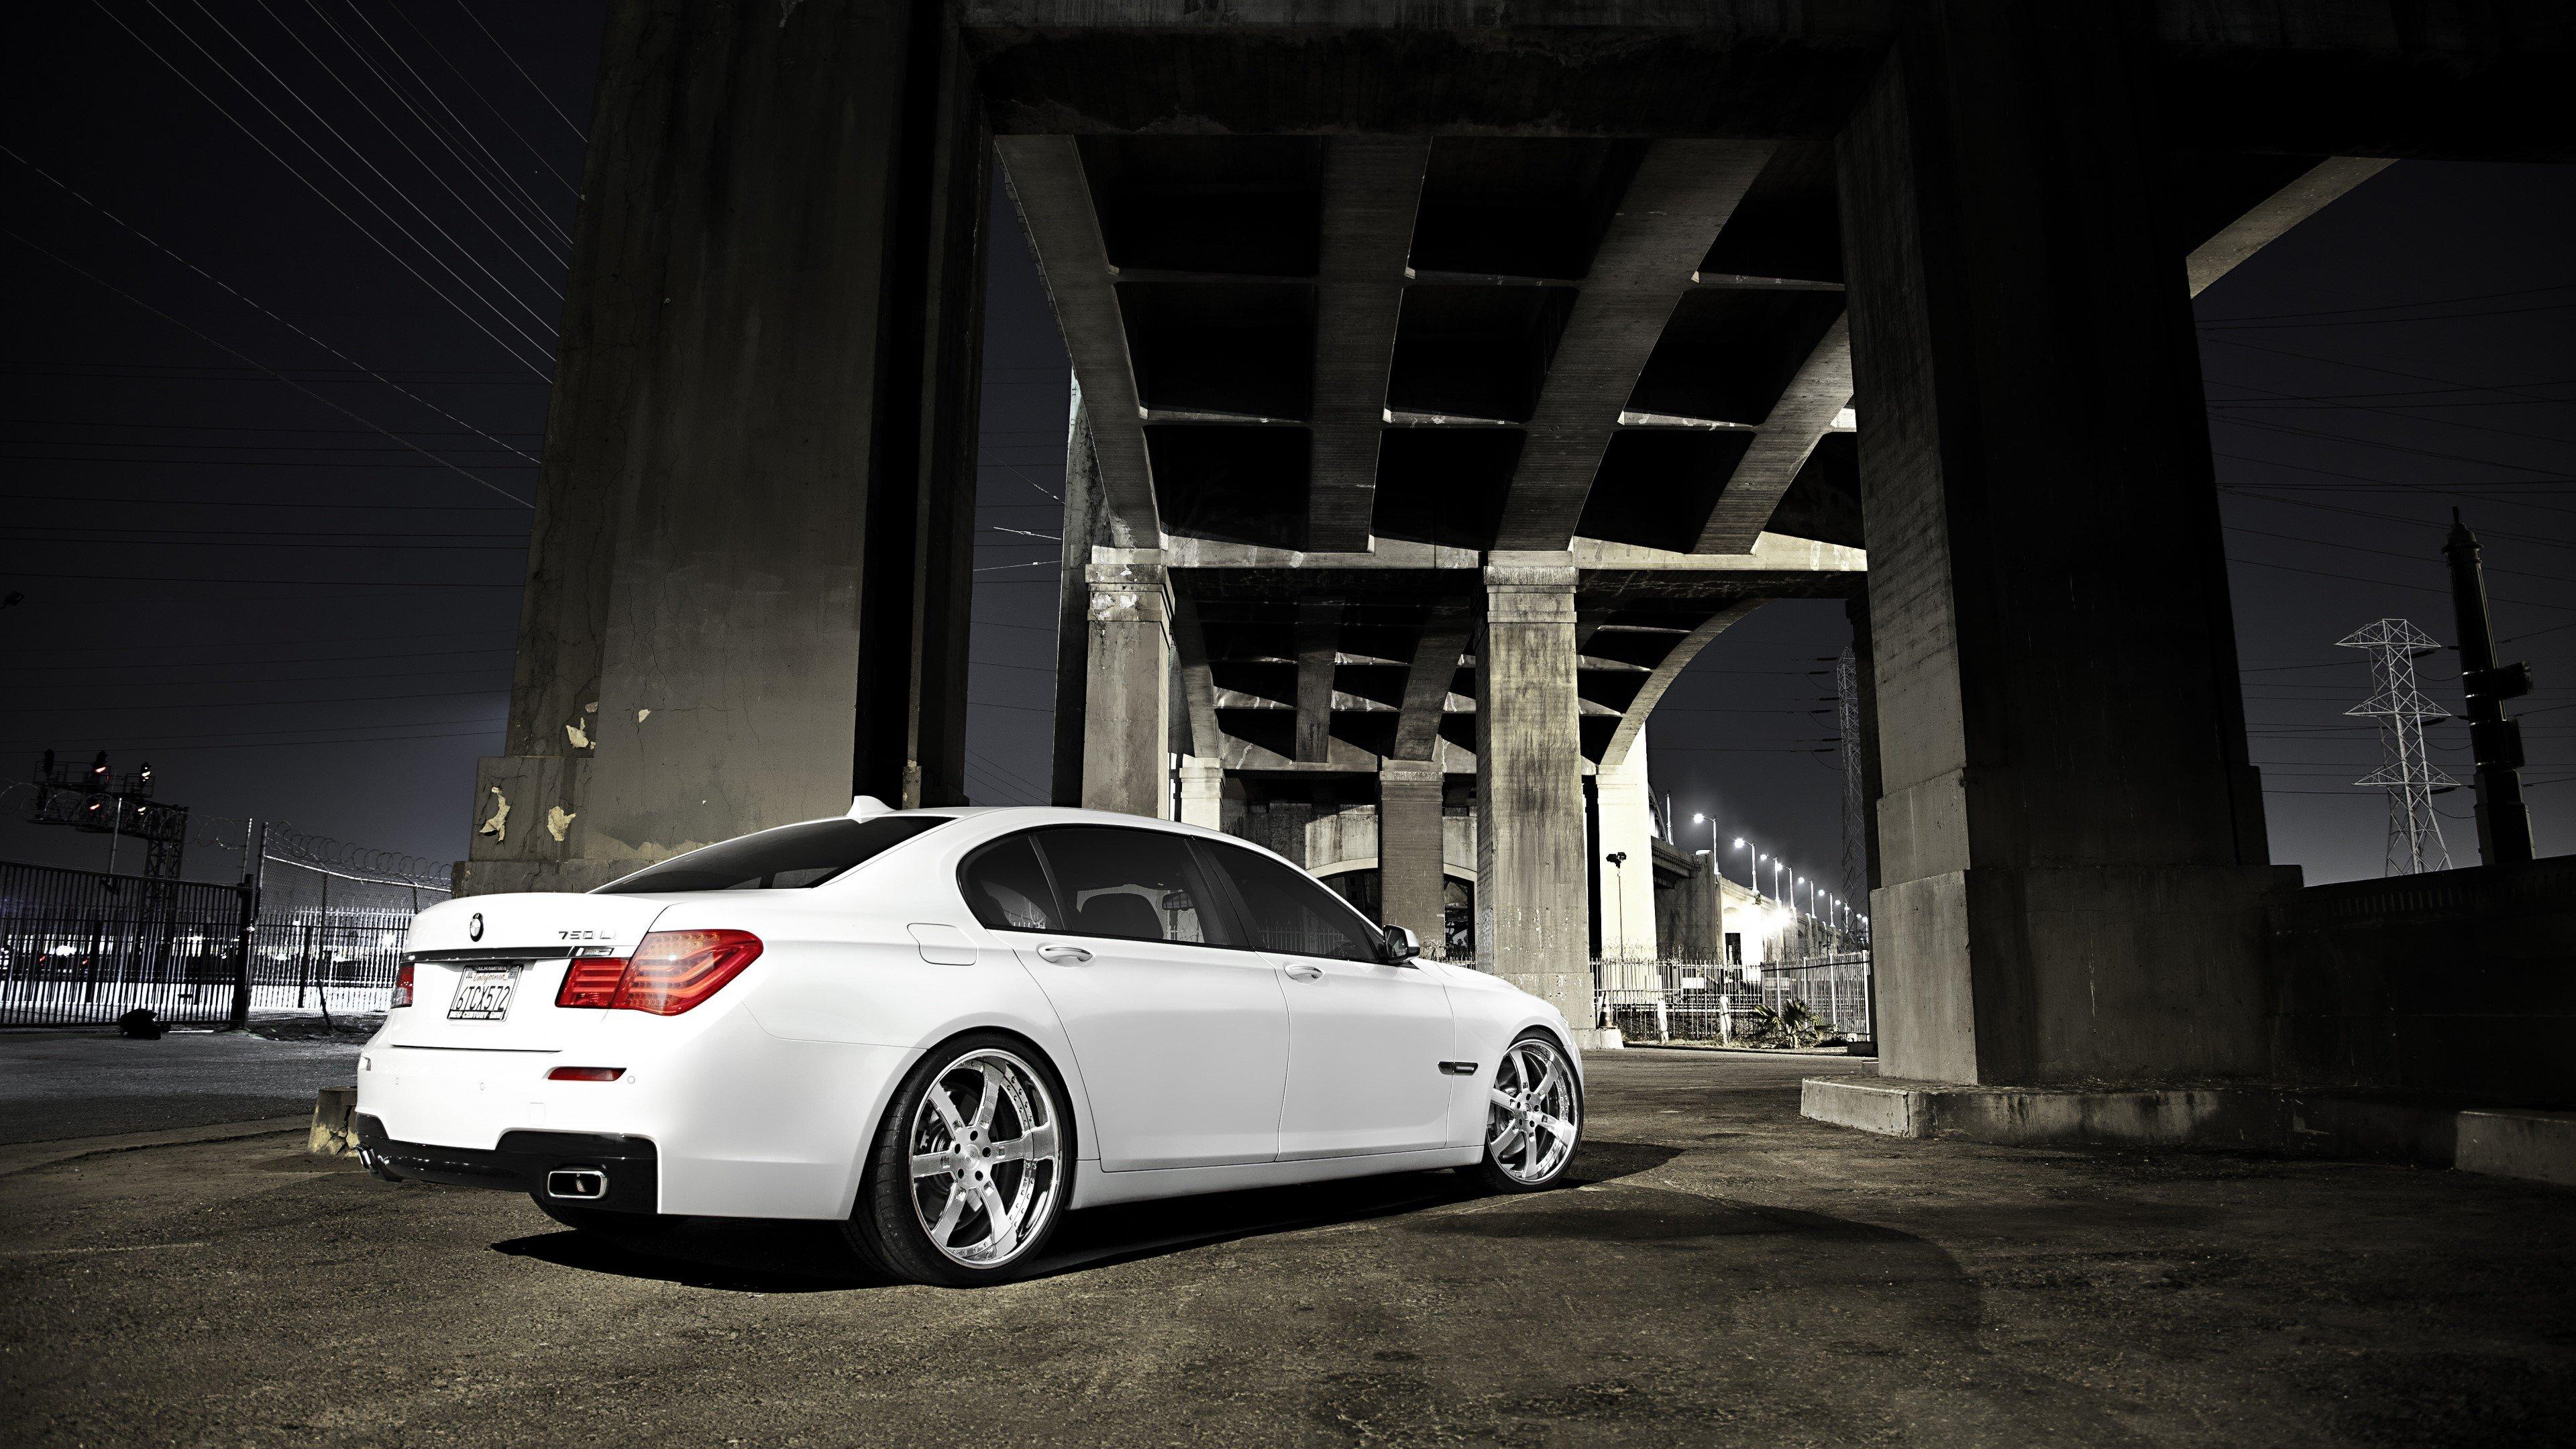 Wallpaper BMW 7 750LI white